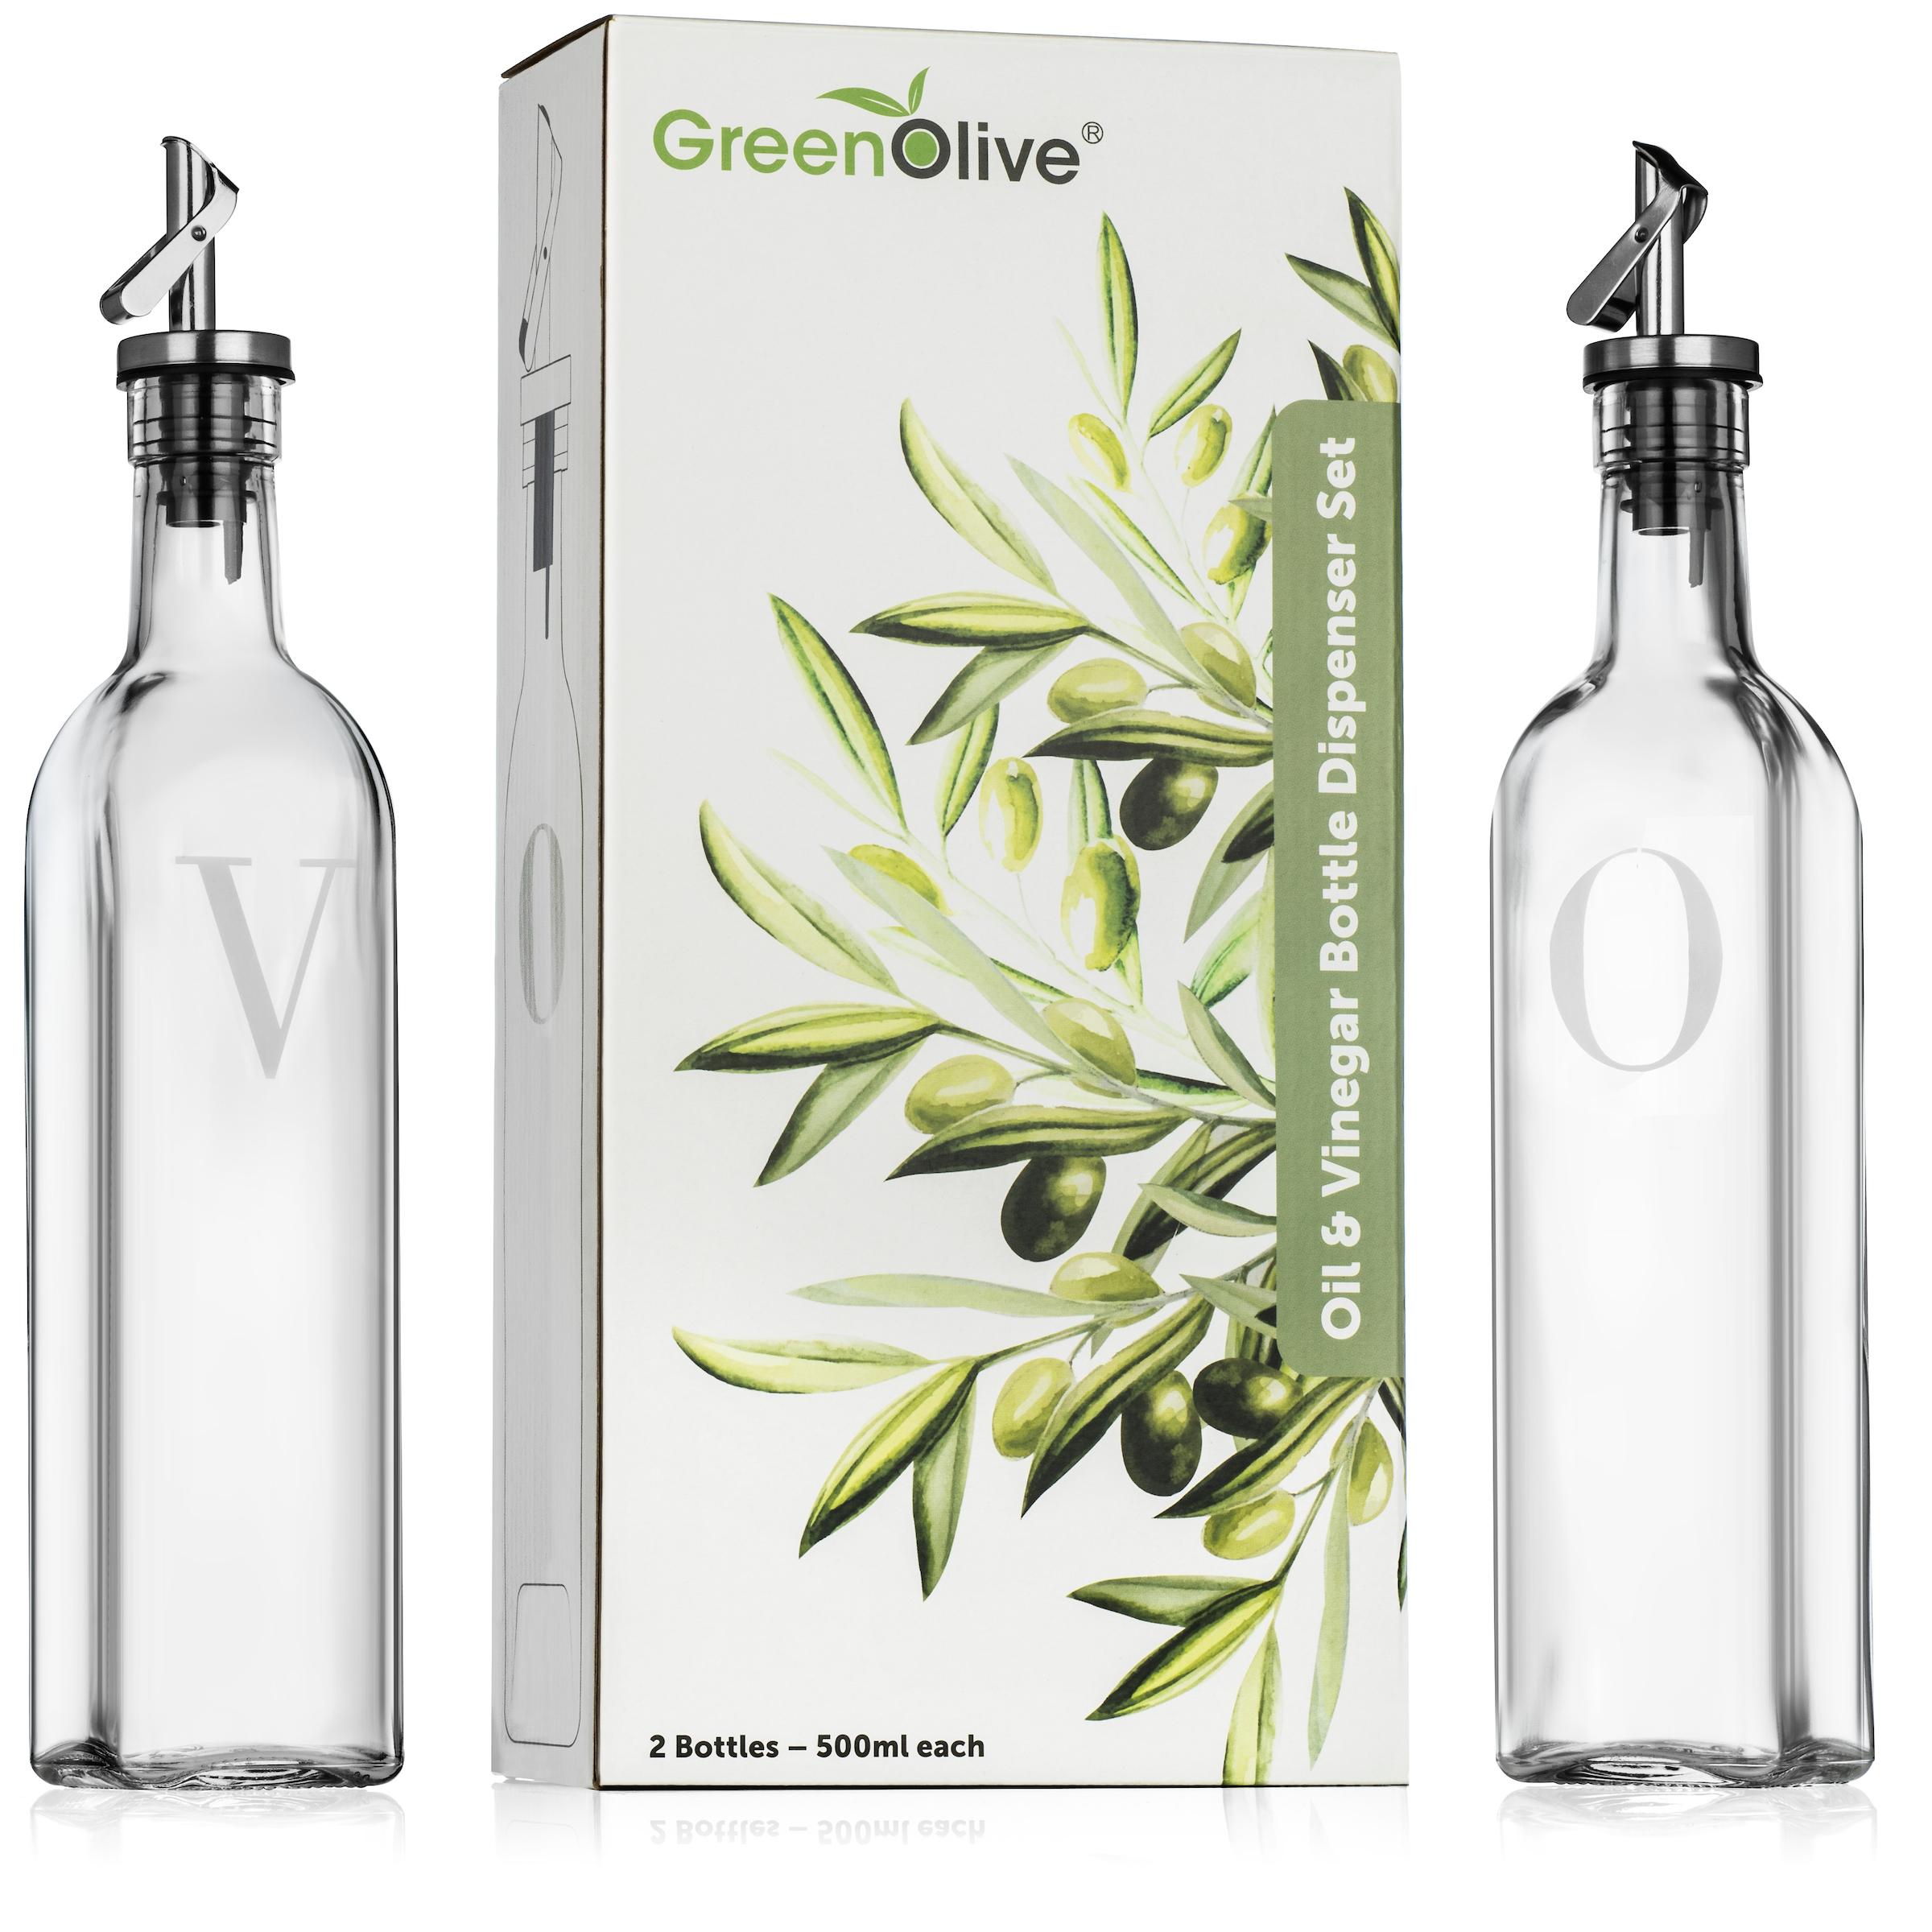 Hero O&V Bottles with Packaging